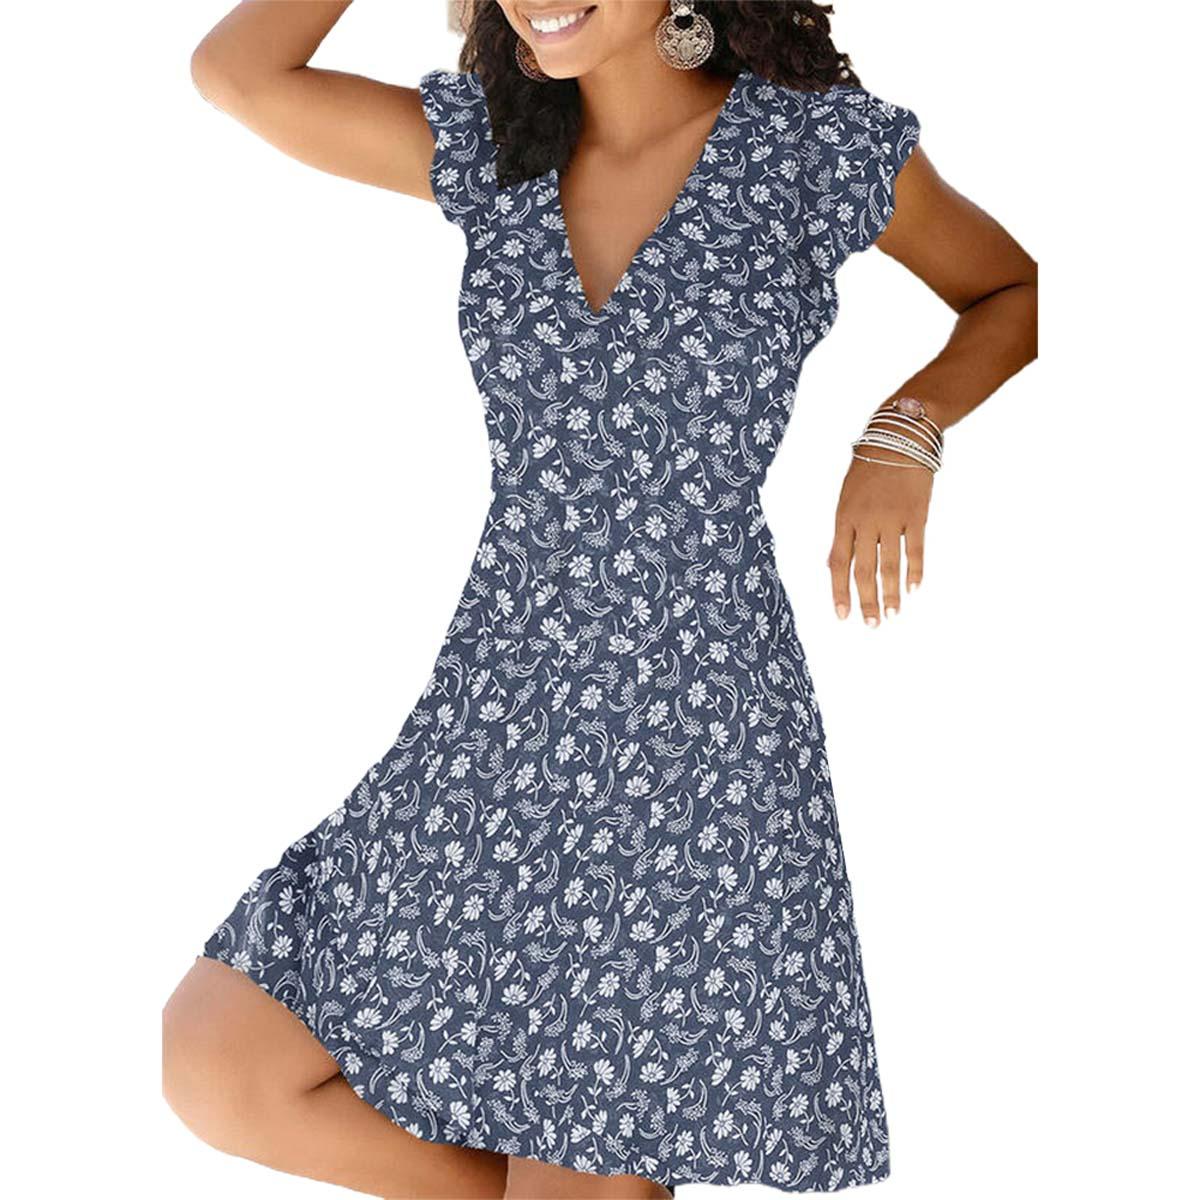 Dawdyfu Women Summer Floral V-Neck Beach Dress